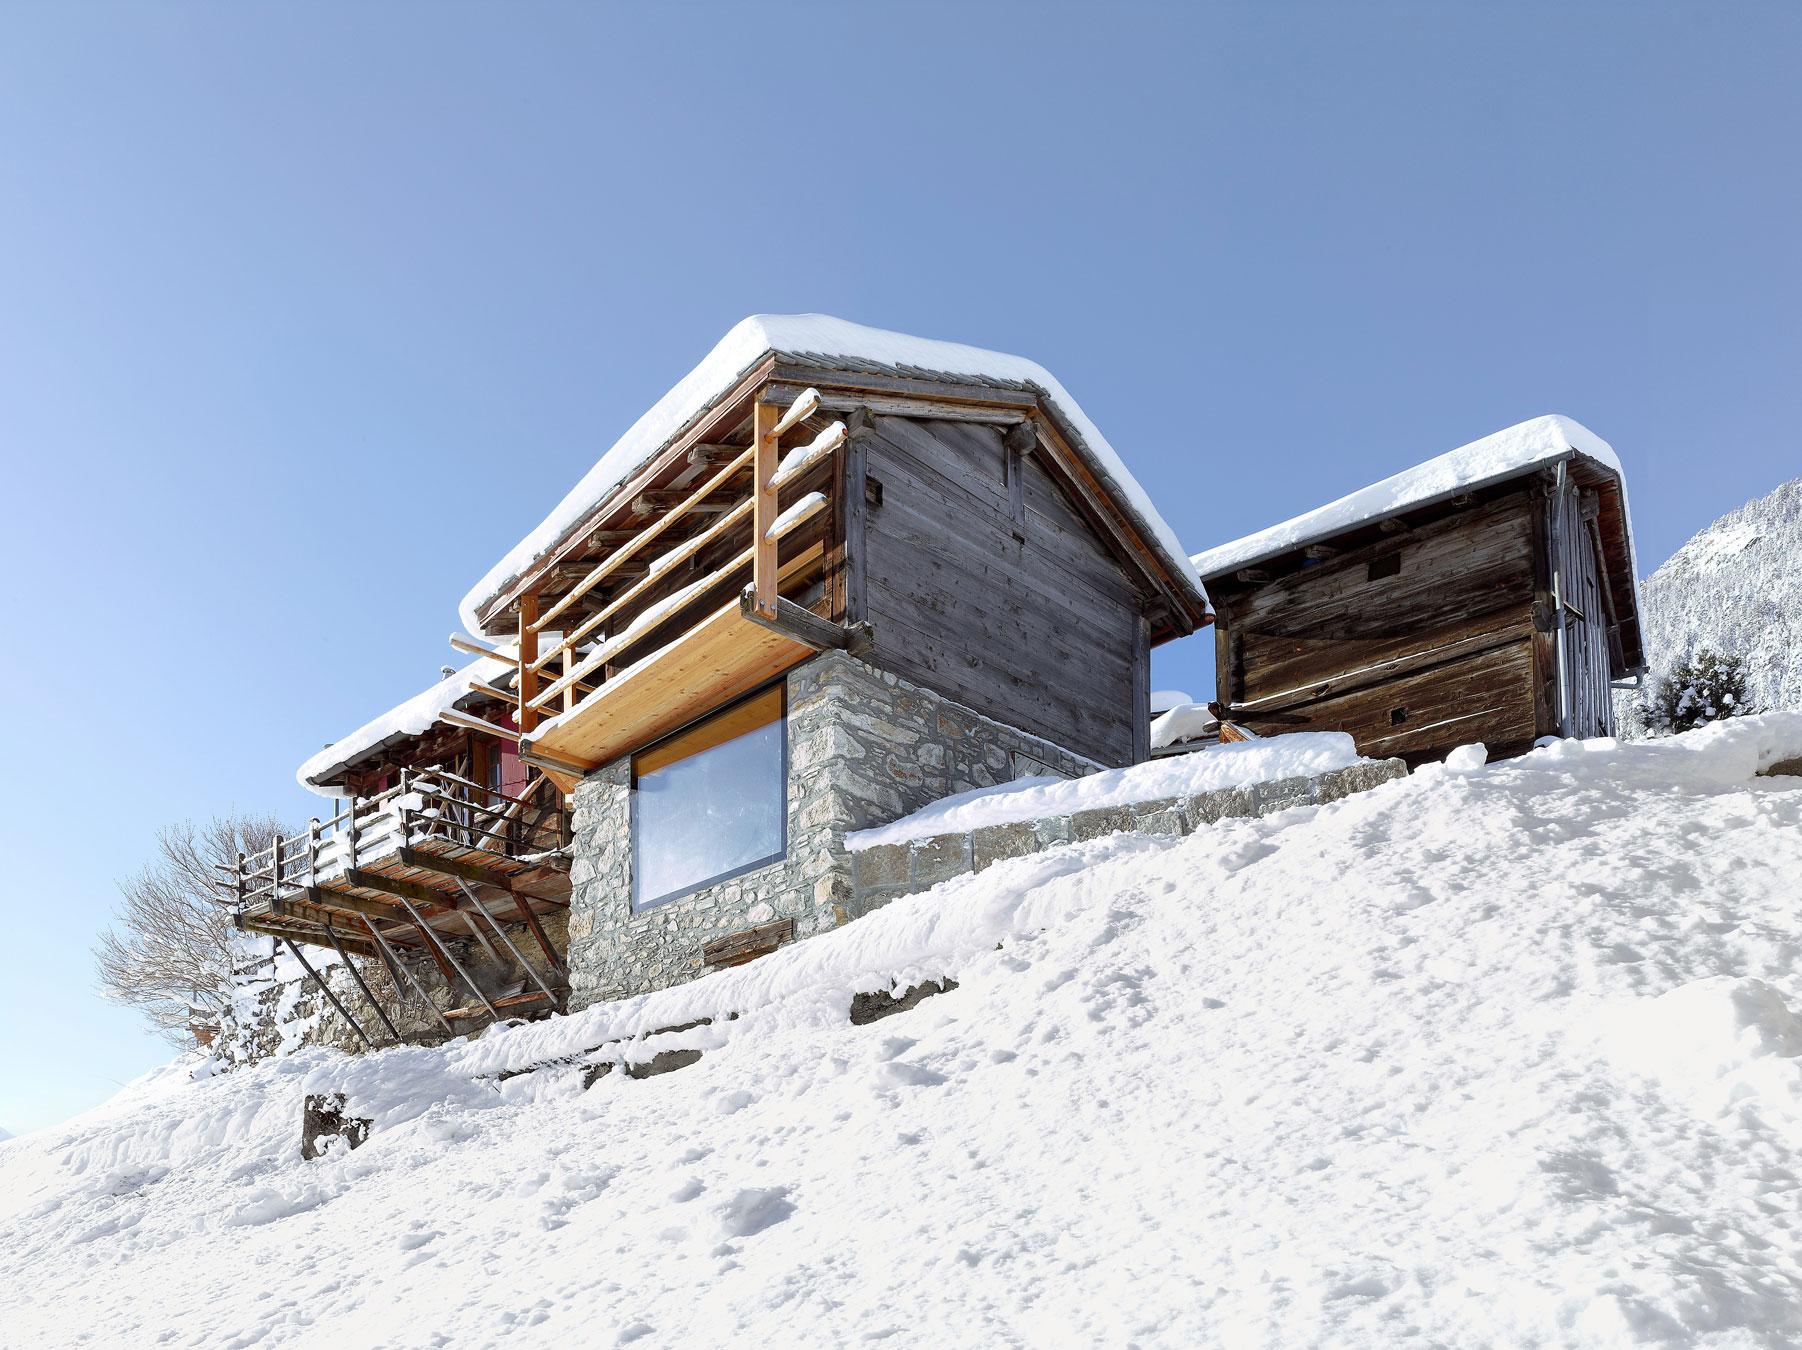 Maison boisset by savioz fabrizzi architectes - Best architectes ...